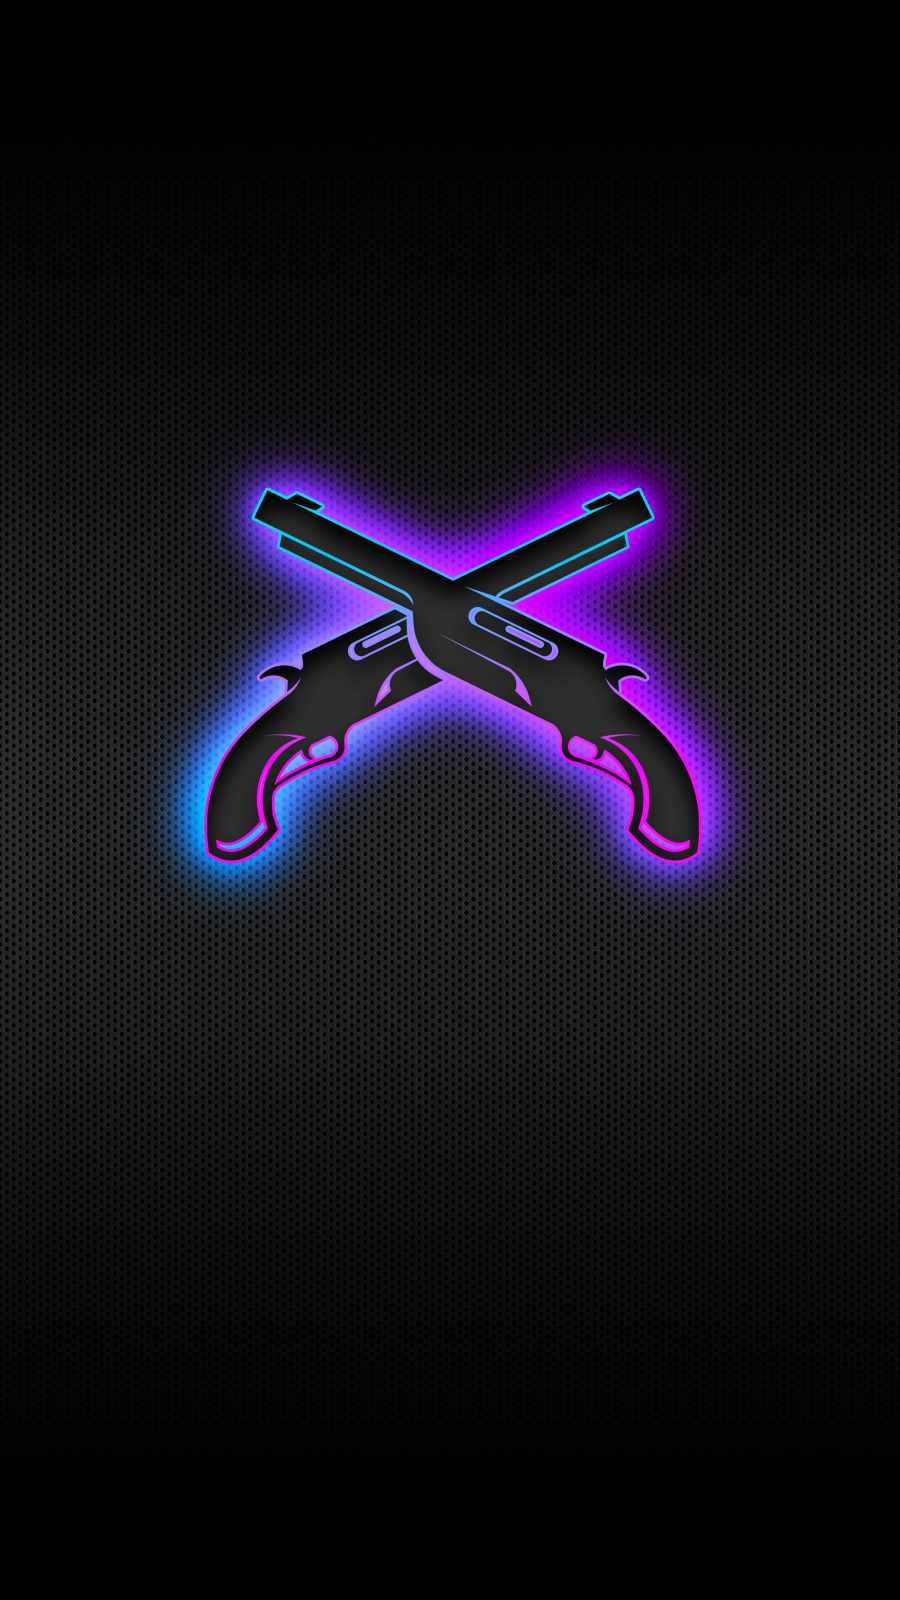 Cross Guns iPhone Wallpaper